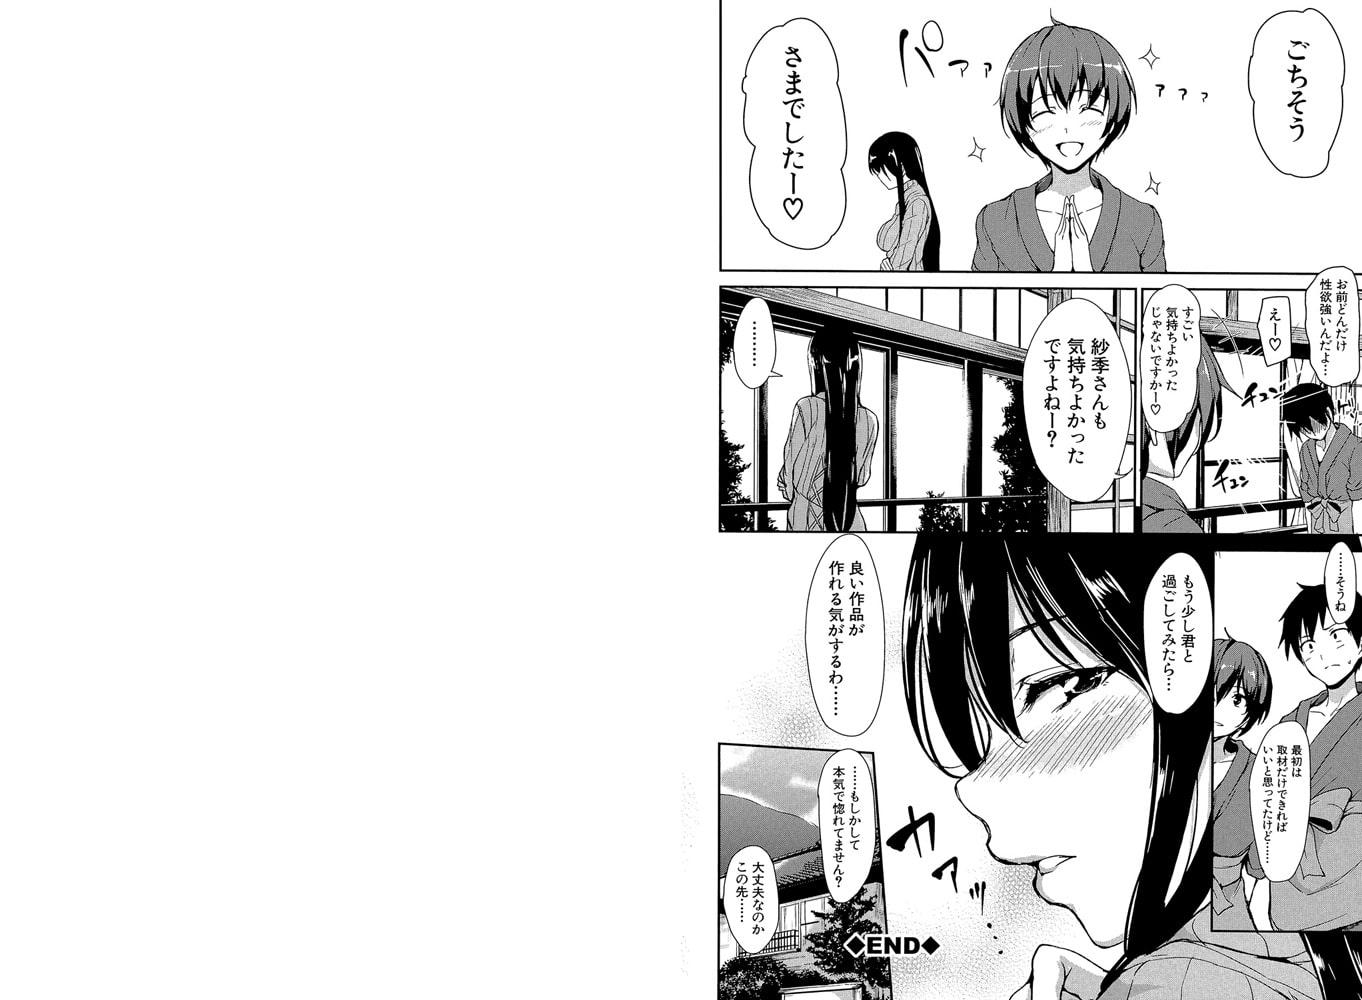 【ティーアイネット】立花オミナ先生 2冊パック(202005)